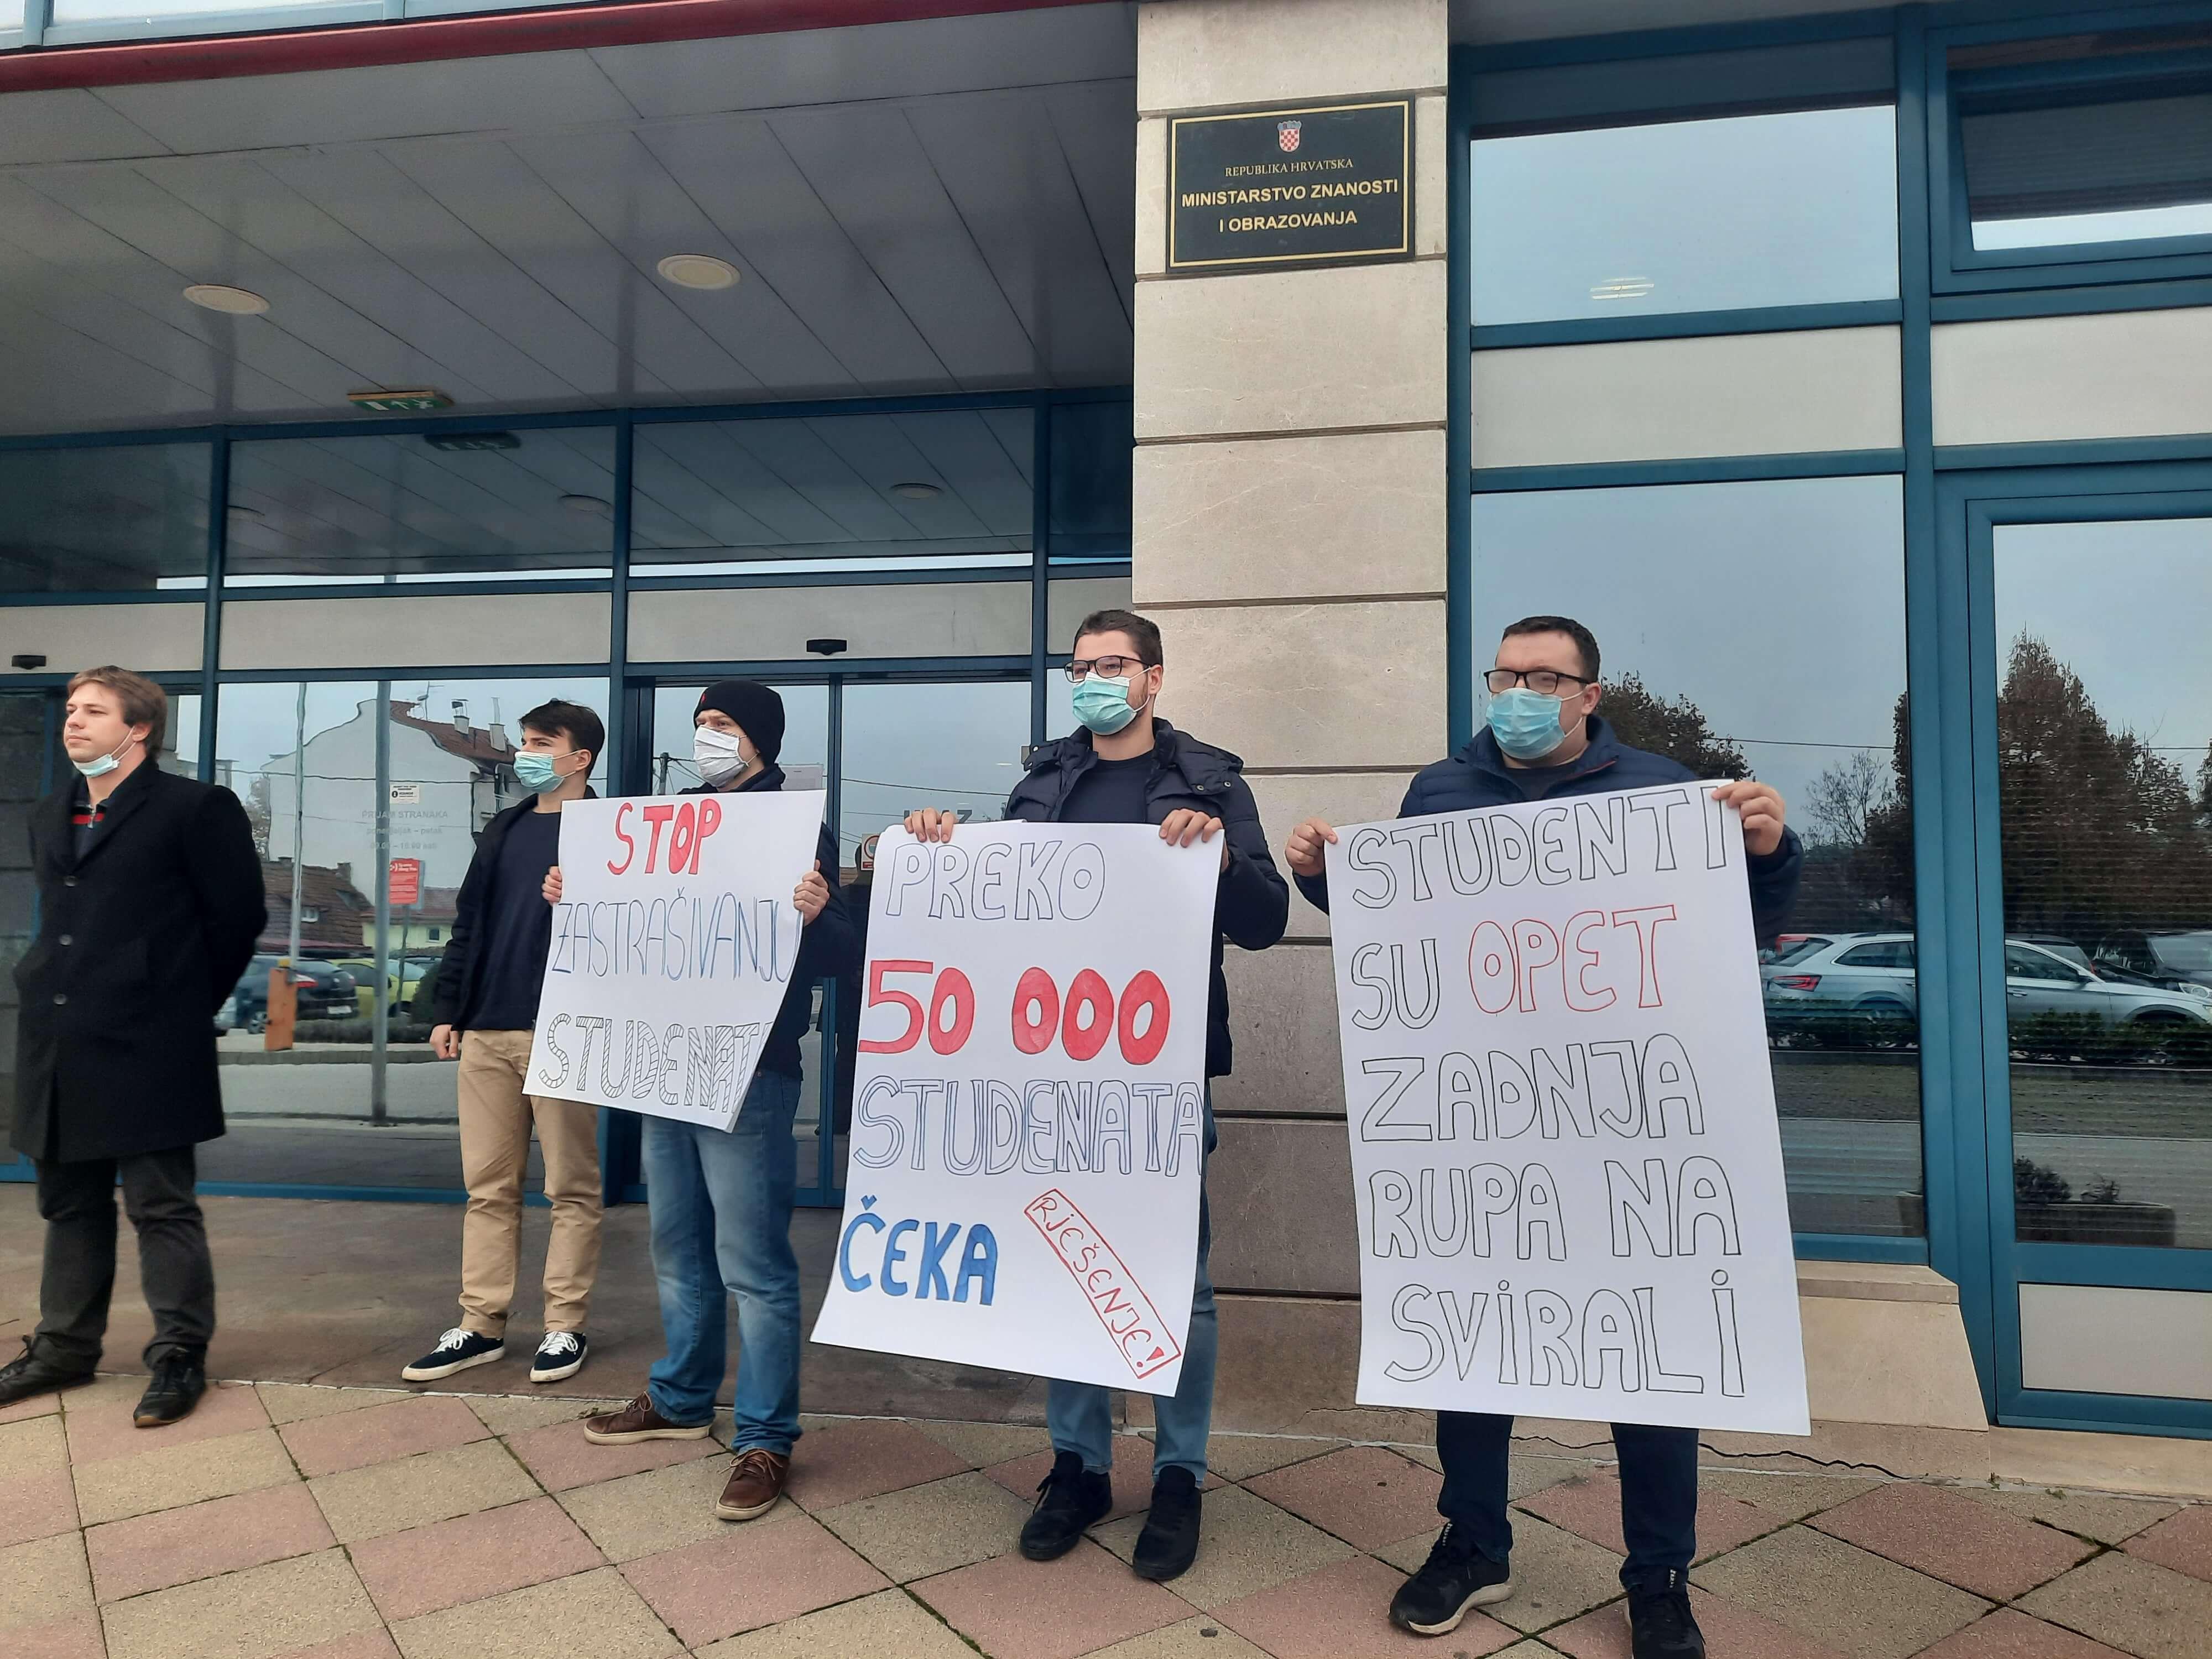 Mladi SDP-ovci protestirali pred Ministarstvom: 'Studenti su opet zadnja rupa na svirali'